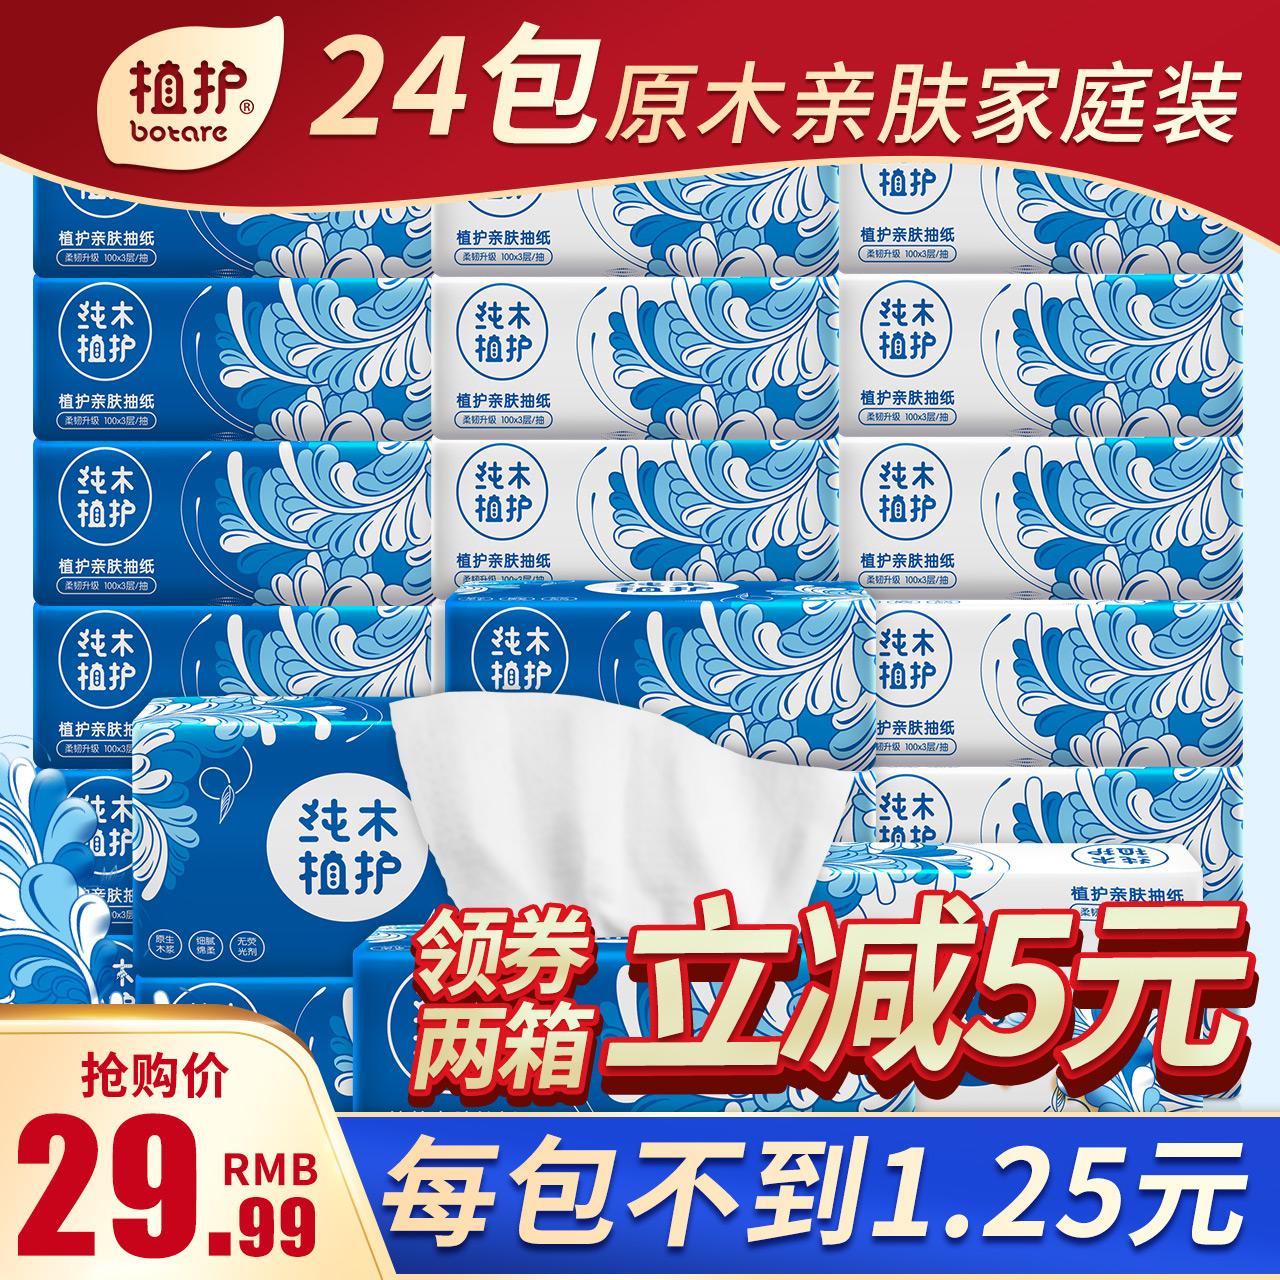 【18.2.22值得买】福利,淘宝天猫白菜价商品汇总